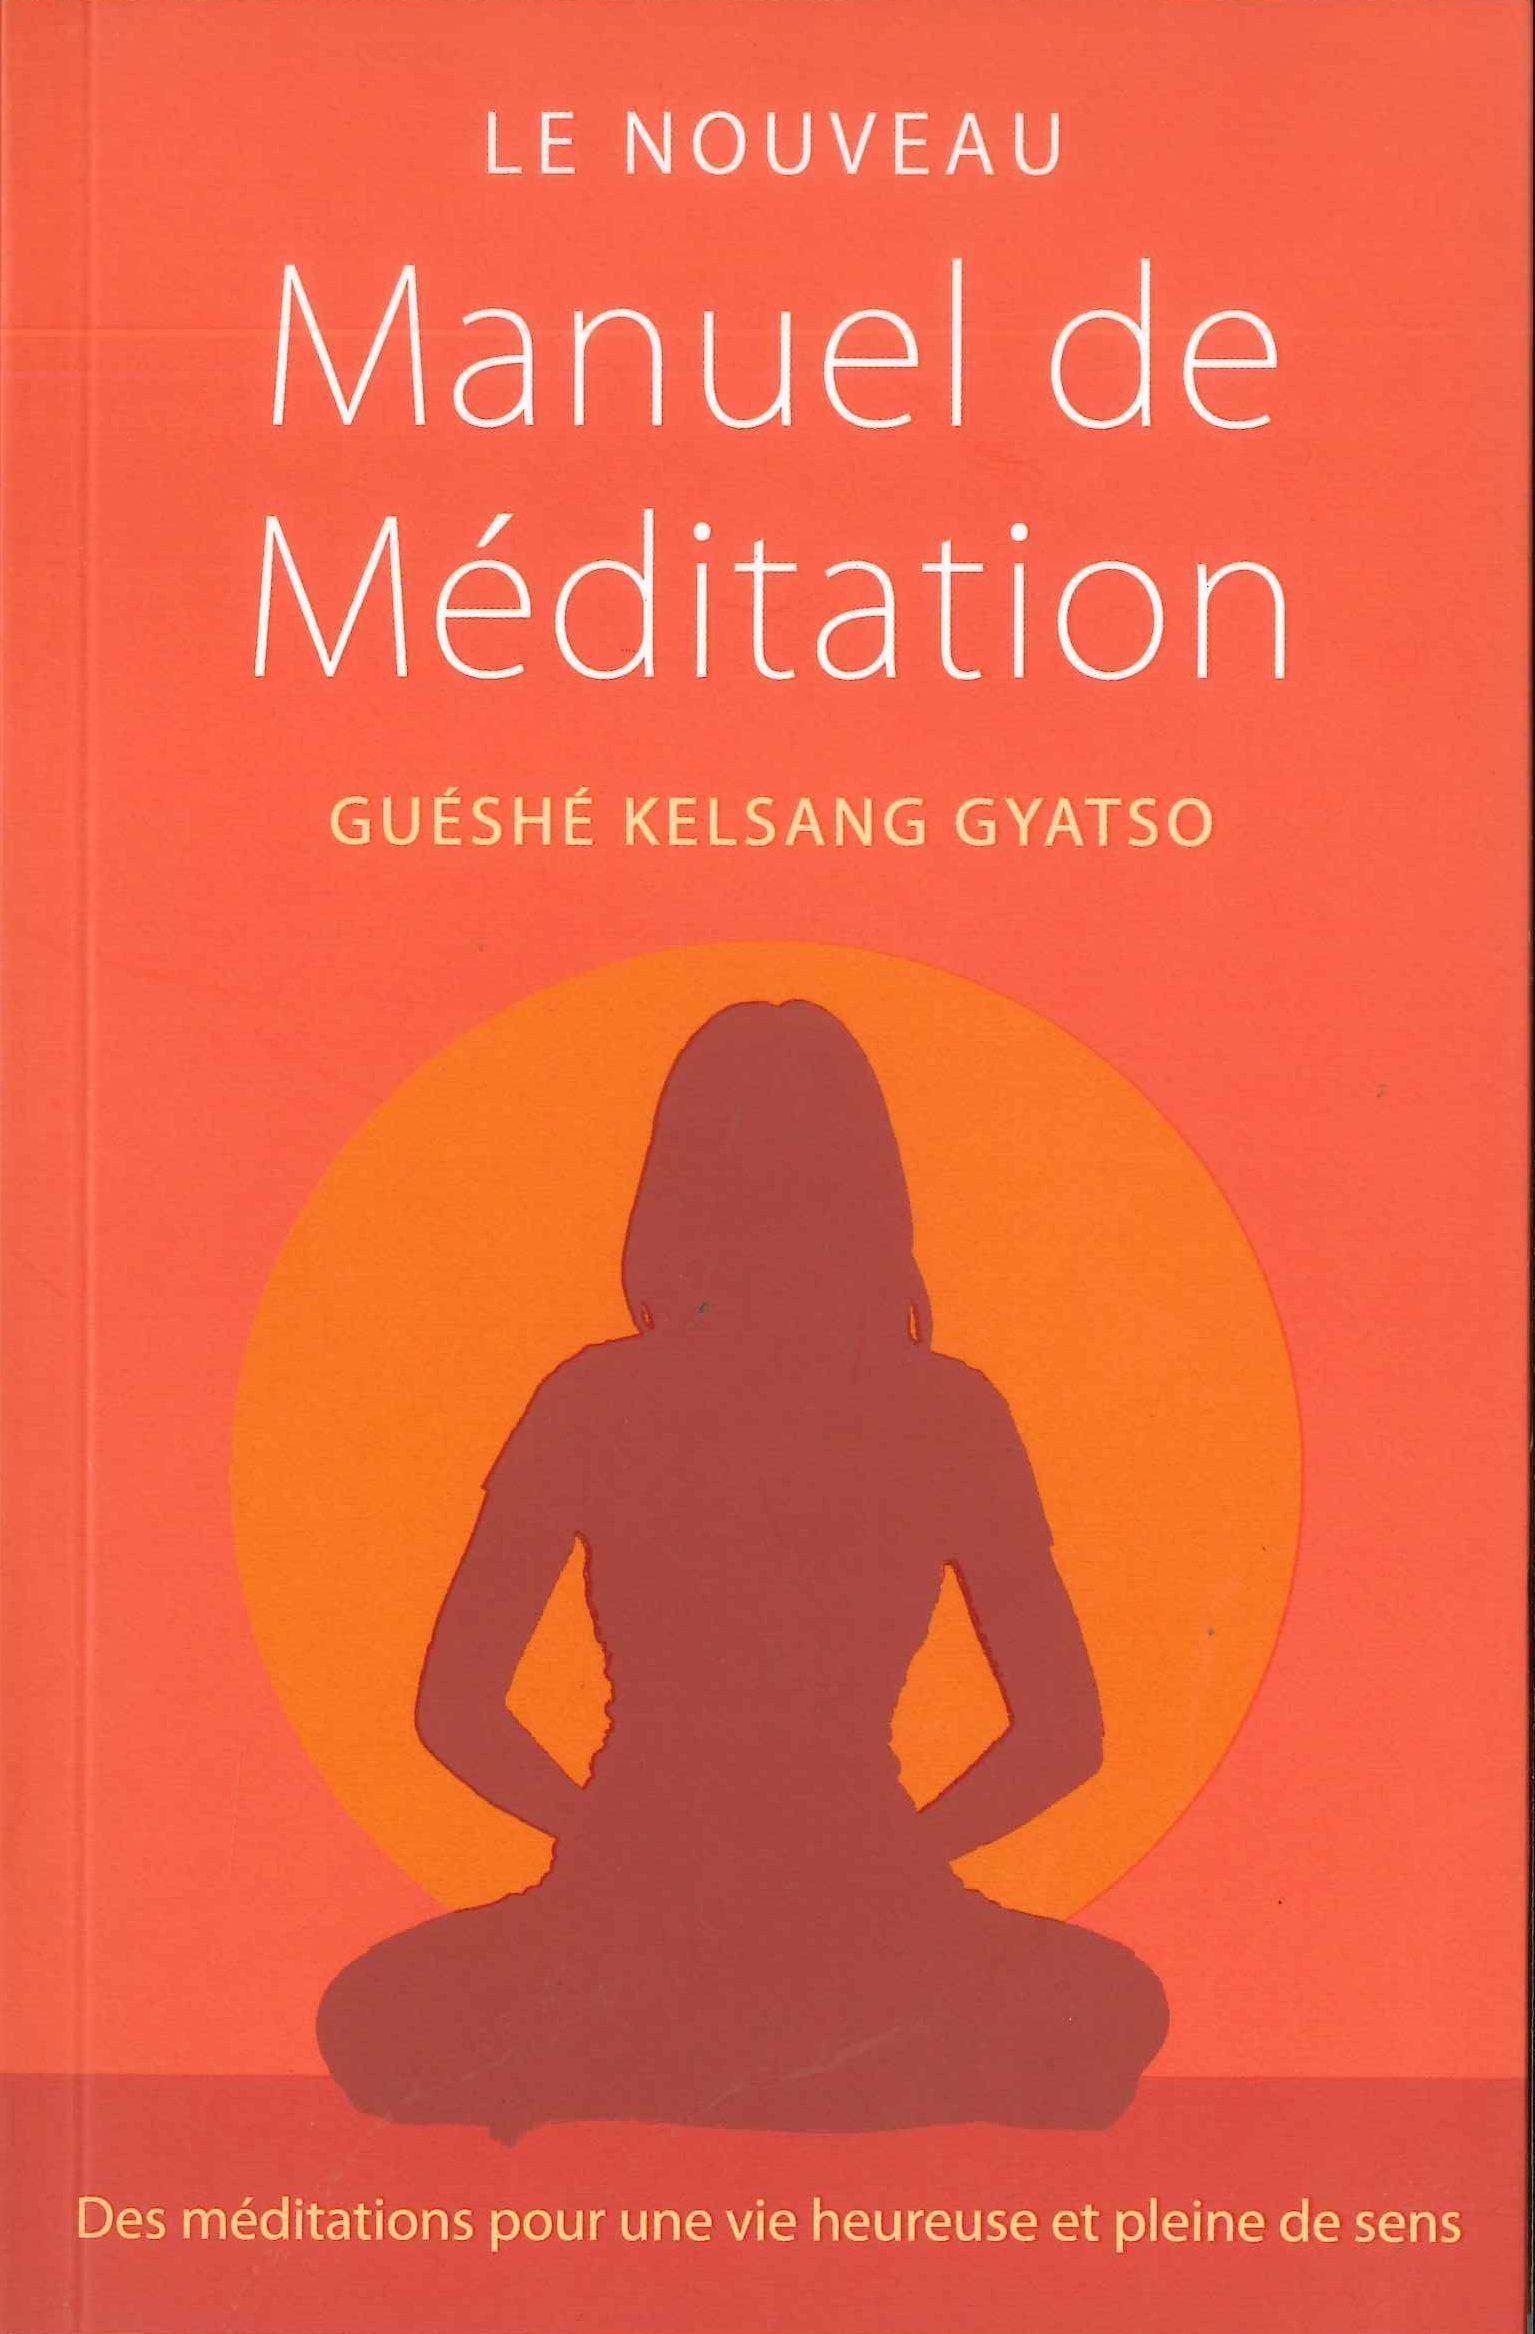 LE NOUVEAU MANUEL DE MEDITATION - DES MEDITATIONS POUR UNE VIE HEUREUSE ET PLEINE DE SENS